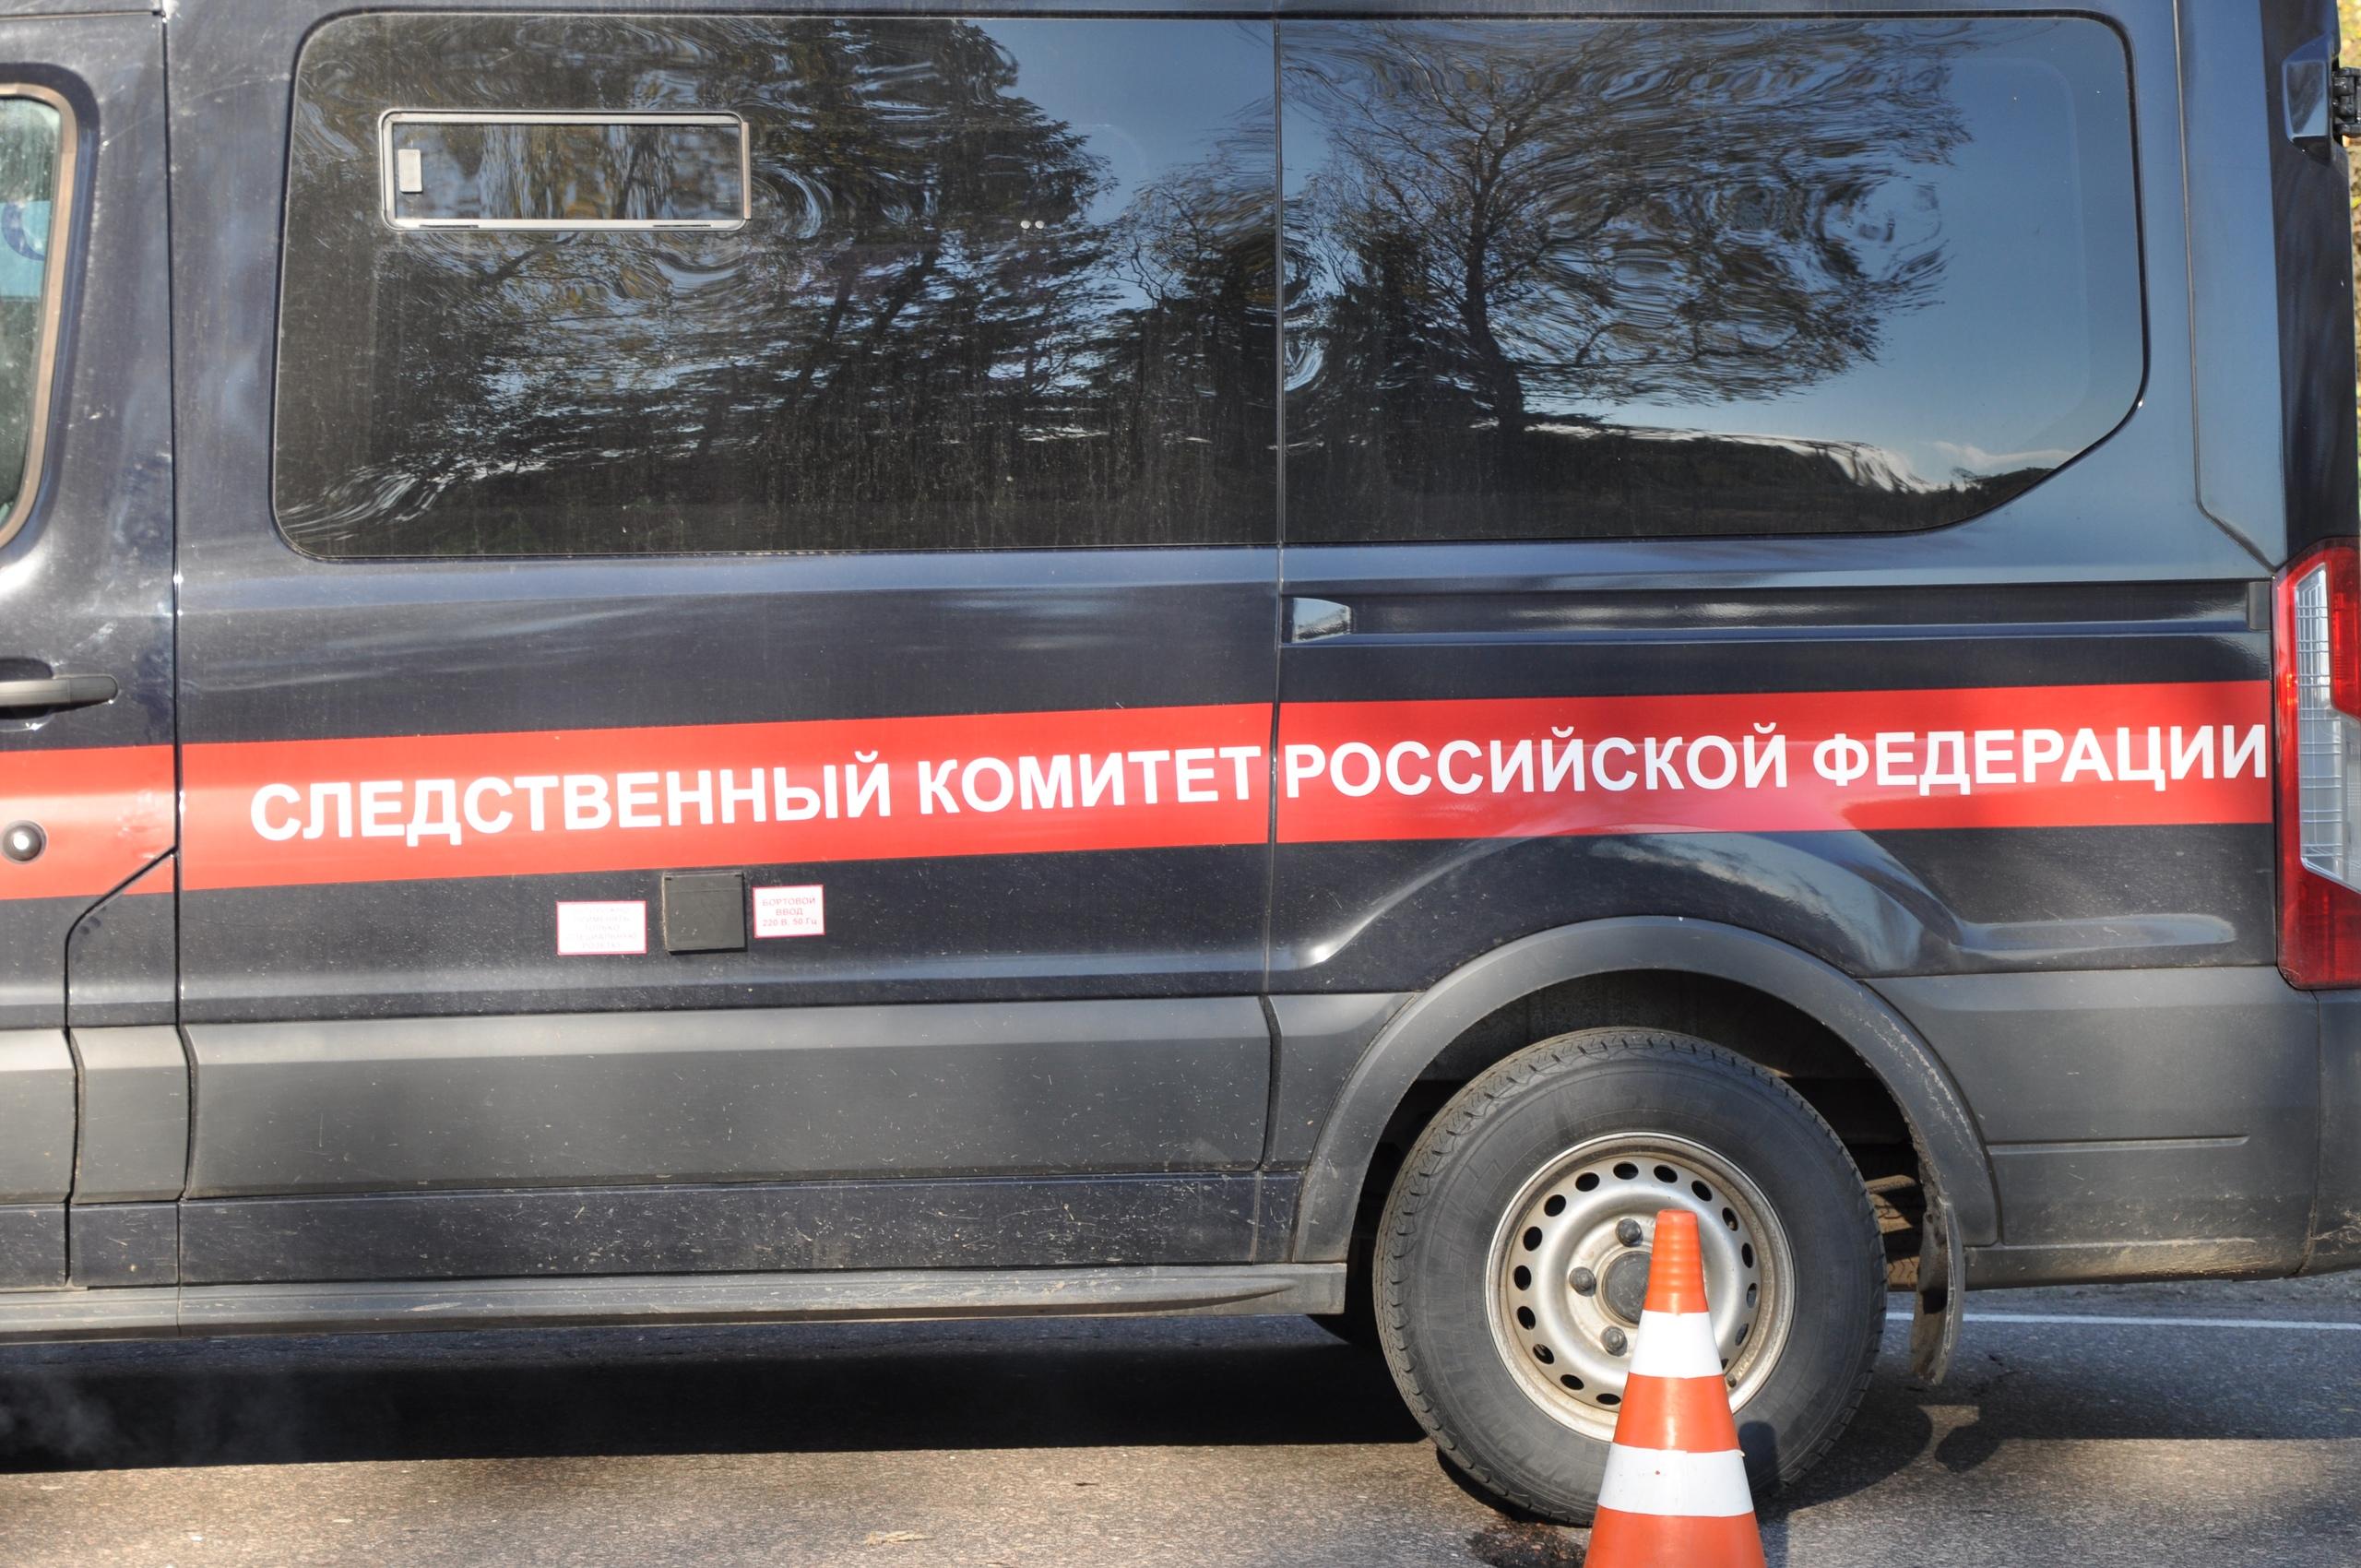 В Тверской области лед упал с крыши дома на голову 8-летней девочки - новости Афанасий